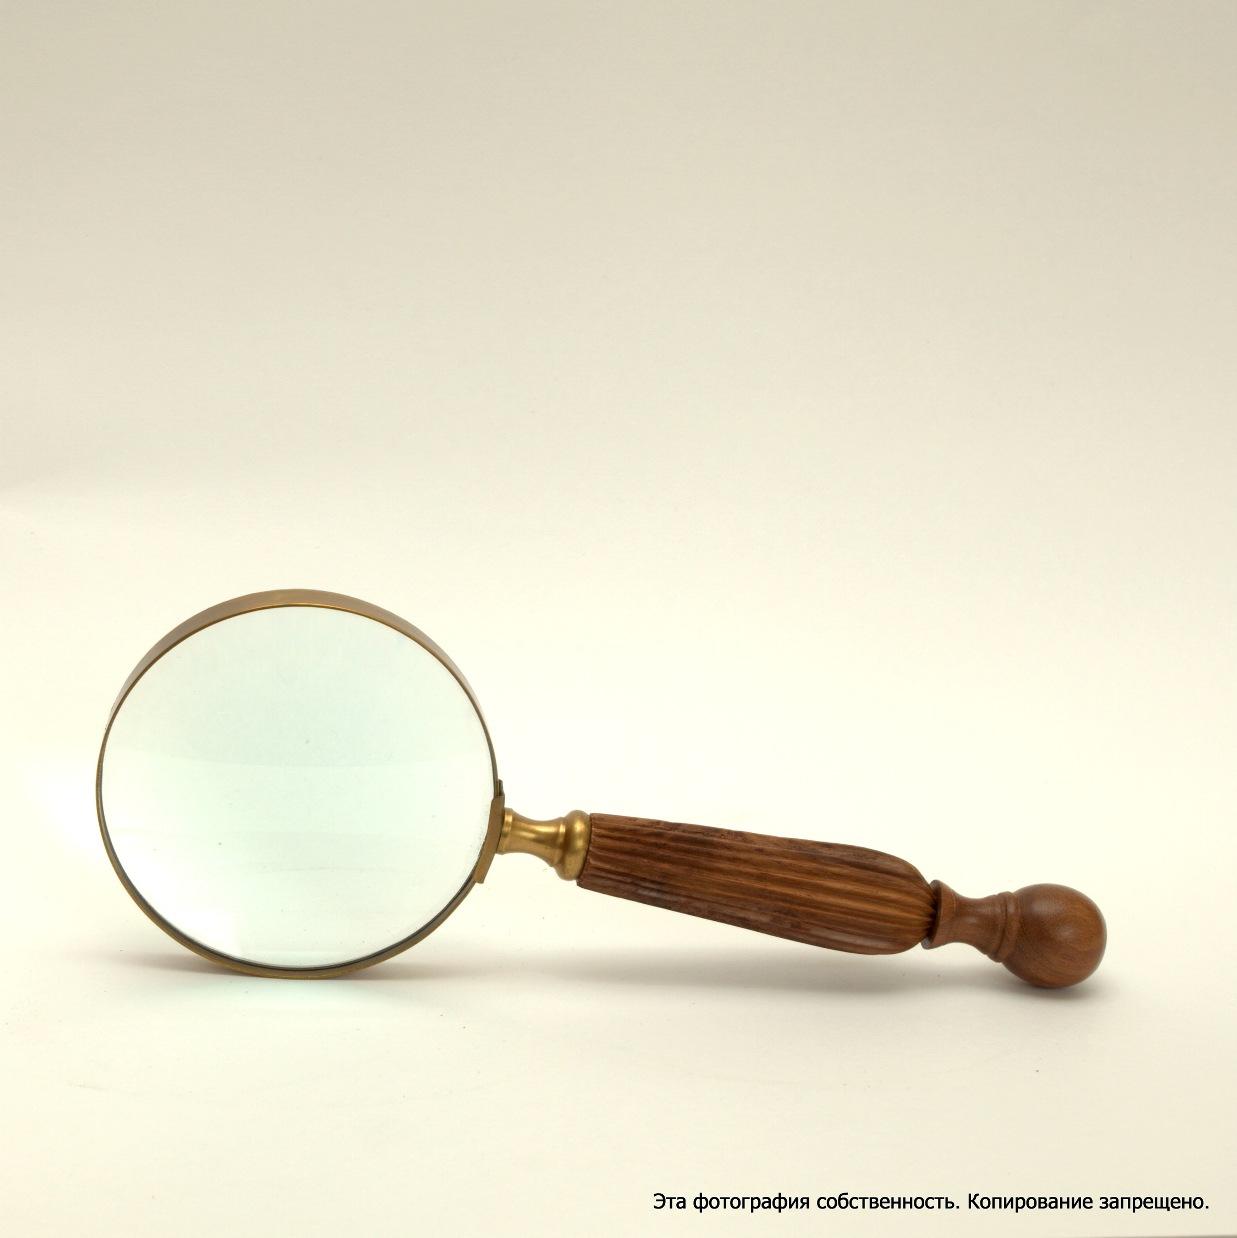 Как сделать увеличительное стекло фото